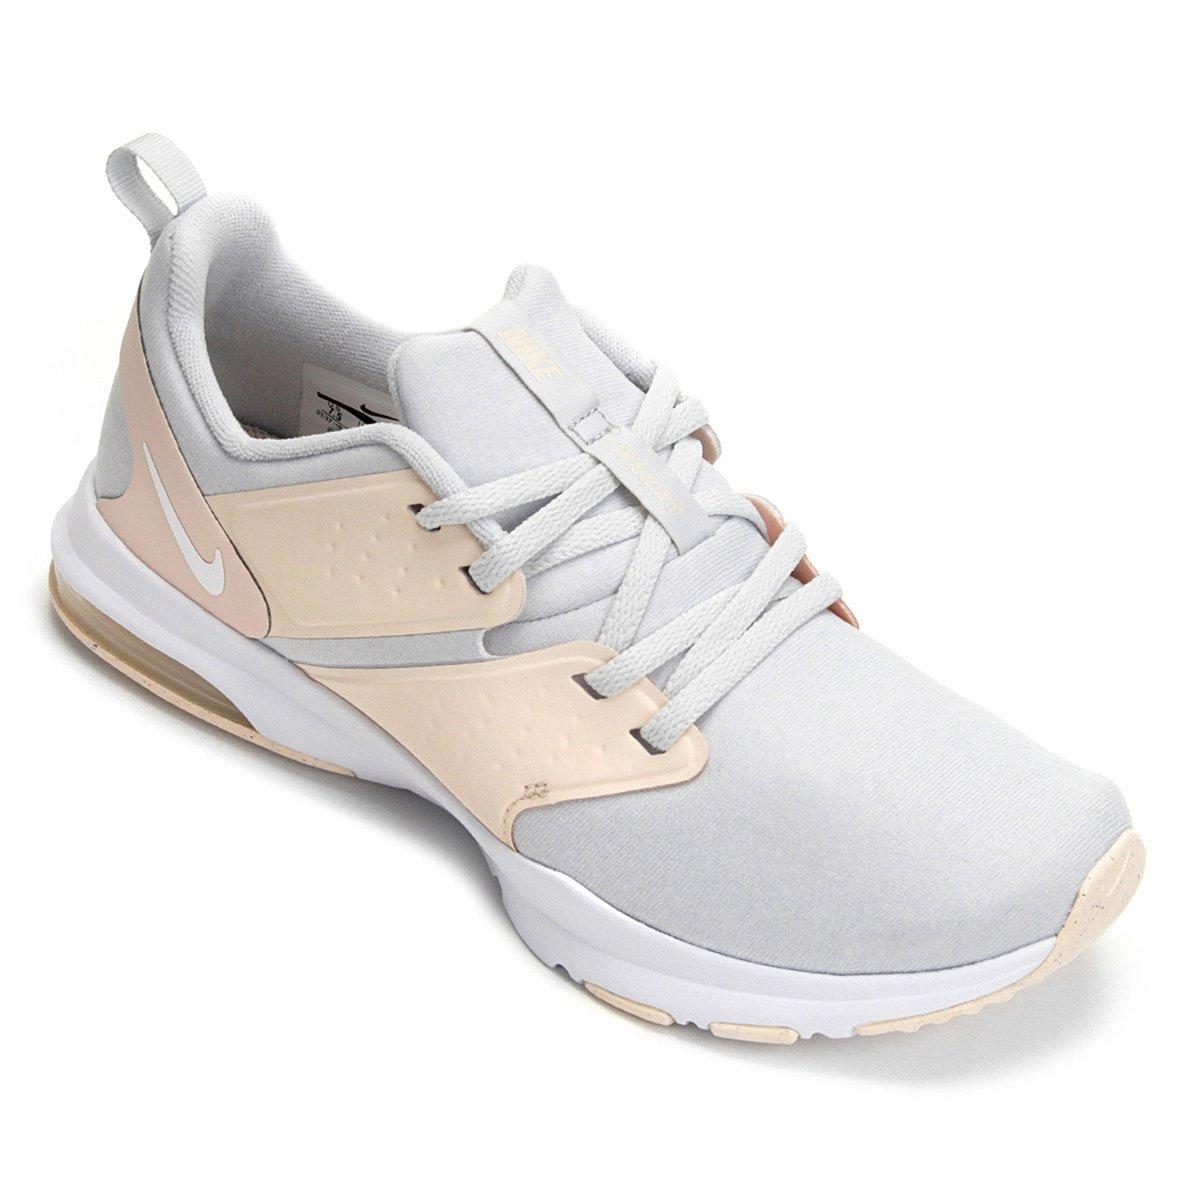 5c38cc64fb Tênis Nike Air Bella Tr Feminino - Prata e Branco